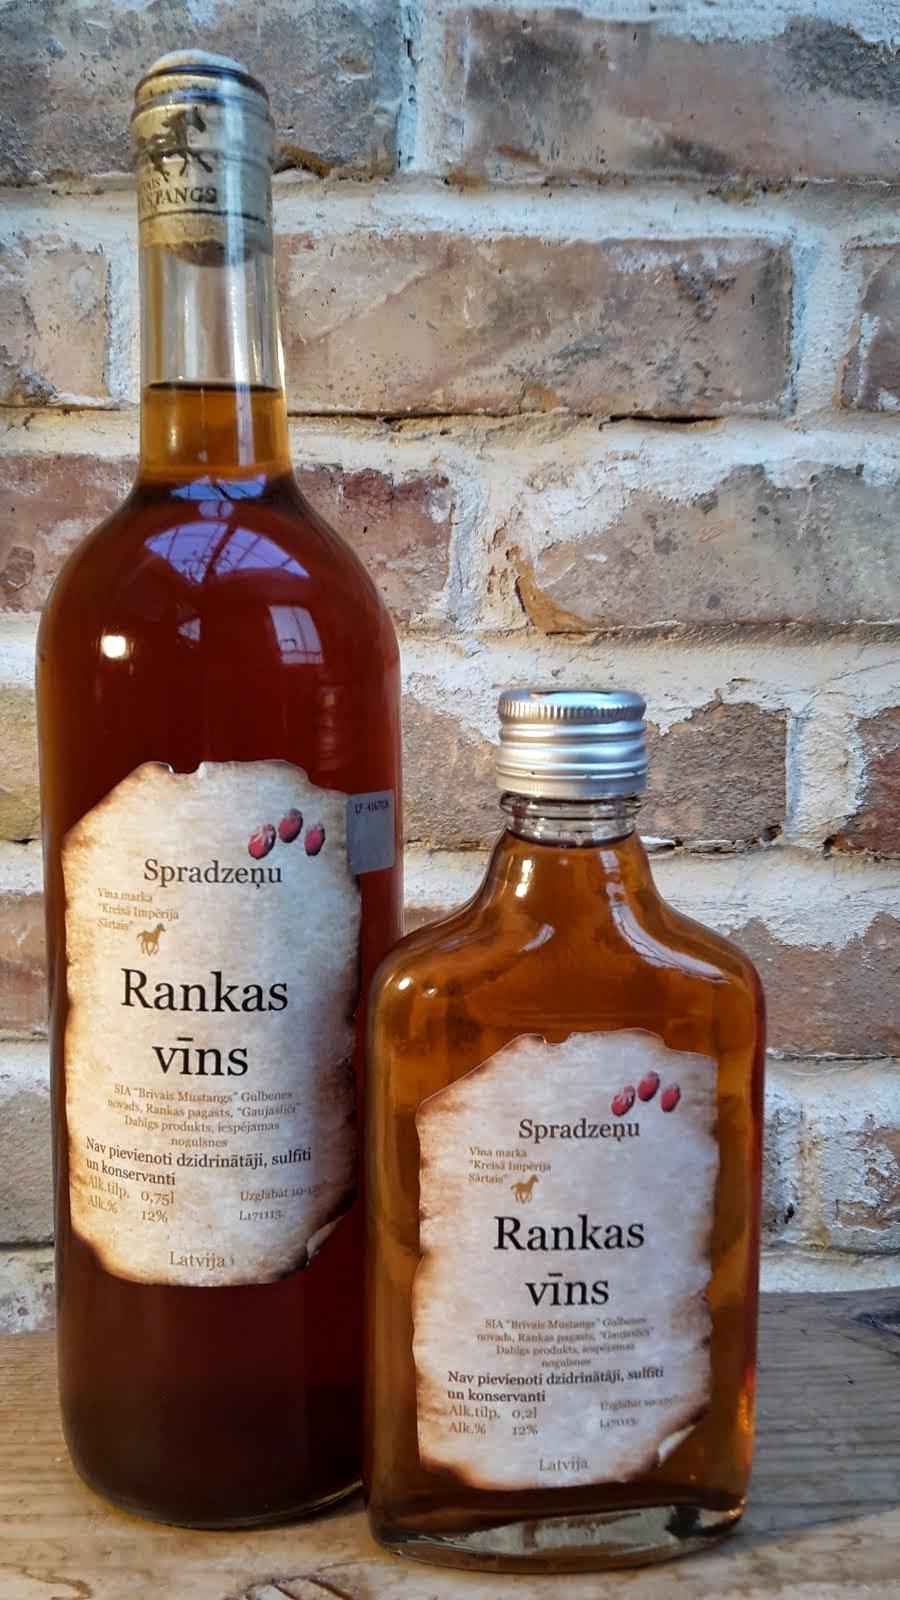 Spradzeņu pussausais vīns